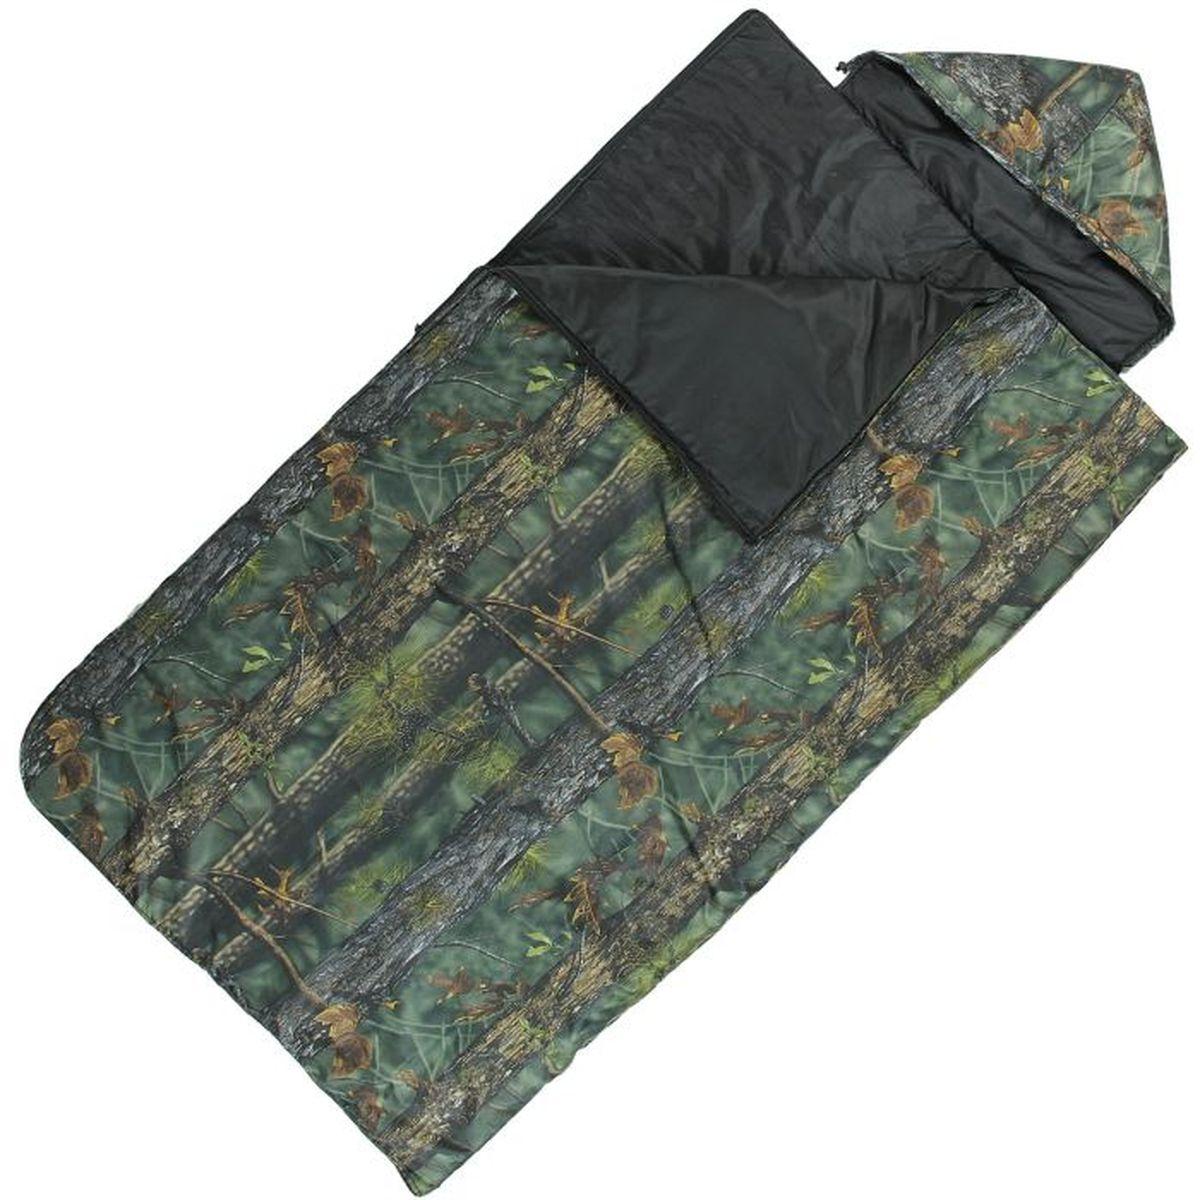 Спальный мешок Onlitop Богатырь, цвет: хаки, правосторонняя молния915474Комфортный, просторный и очень теплый 3-х сезонный спальник Onlitop Богатырь предназначен для походов и для отдыха на природе не только в летнее время, но и в прохладные дни весенне-осеннего периода. В теплое время спальный мешок можно использовать как одеяло (в том числе и дома).Он выполнен из качественных материалов - оксфорда, ситца и полиэстера, которые не только обладают теплоизоляционными качествами, но и чрезвычайно прочны, что сделало спальный мешок долговечным. Длина мешка - 2,5 м, его ширина - 1 м, что позволяет разместиться в нём человеку любой комплекции. Этому спальнику всегда найдется применение среди любителей активного отдыха, а места в сложенном виде он занимает совсем немного.